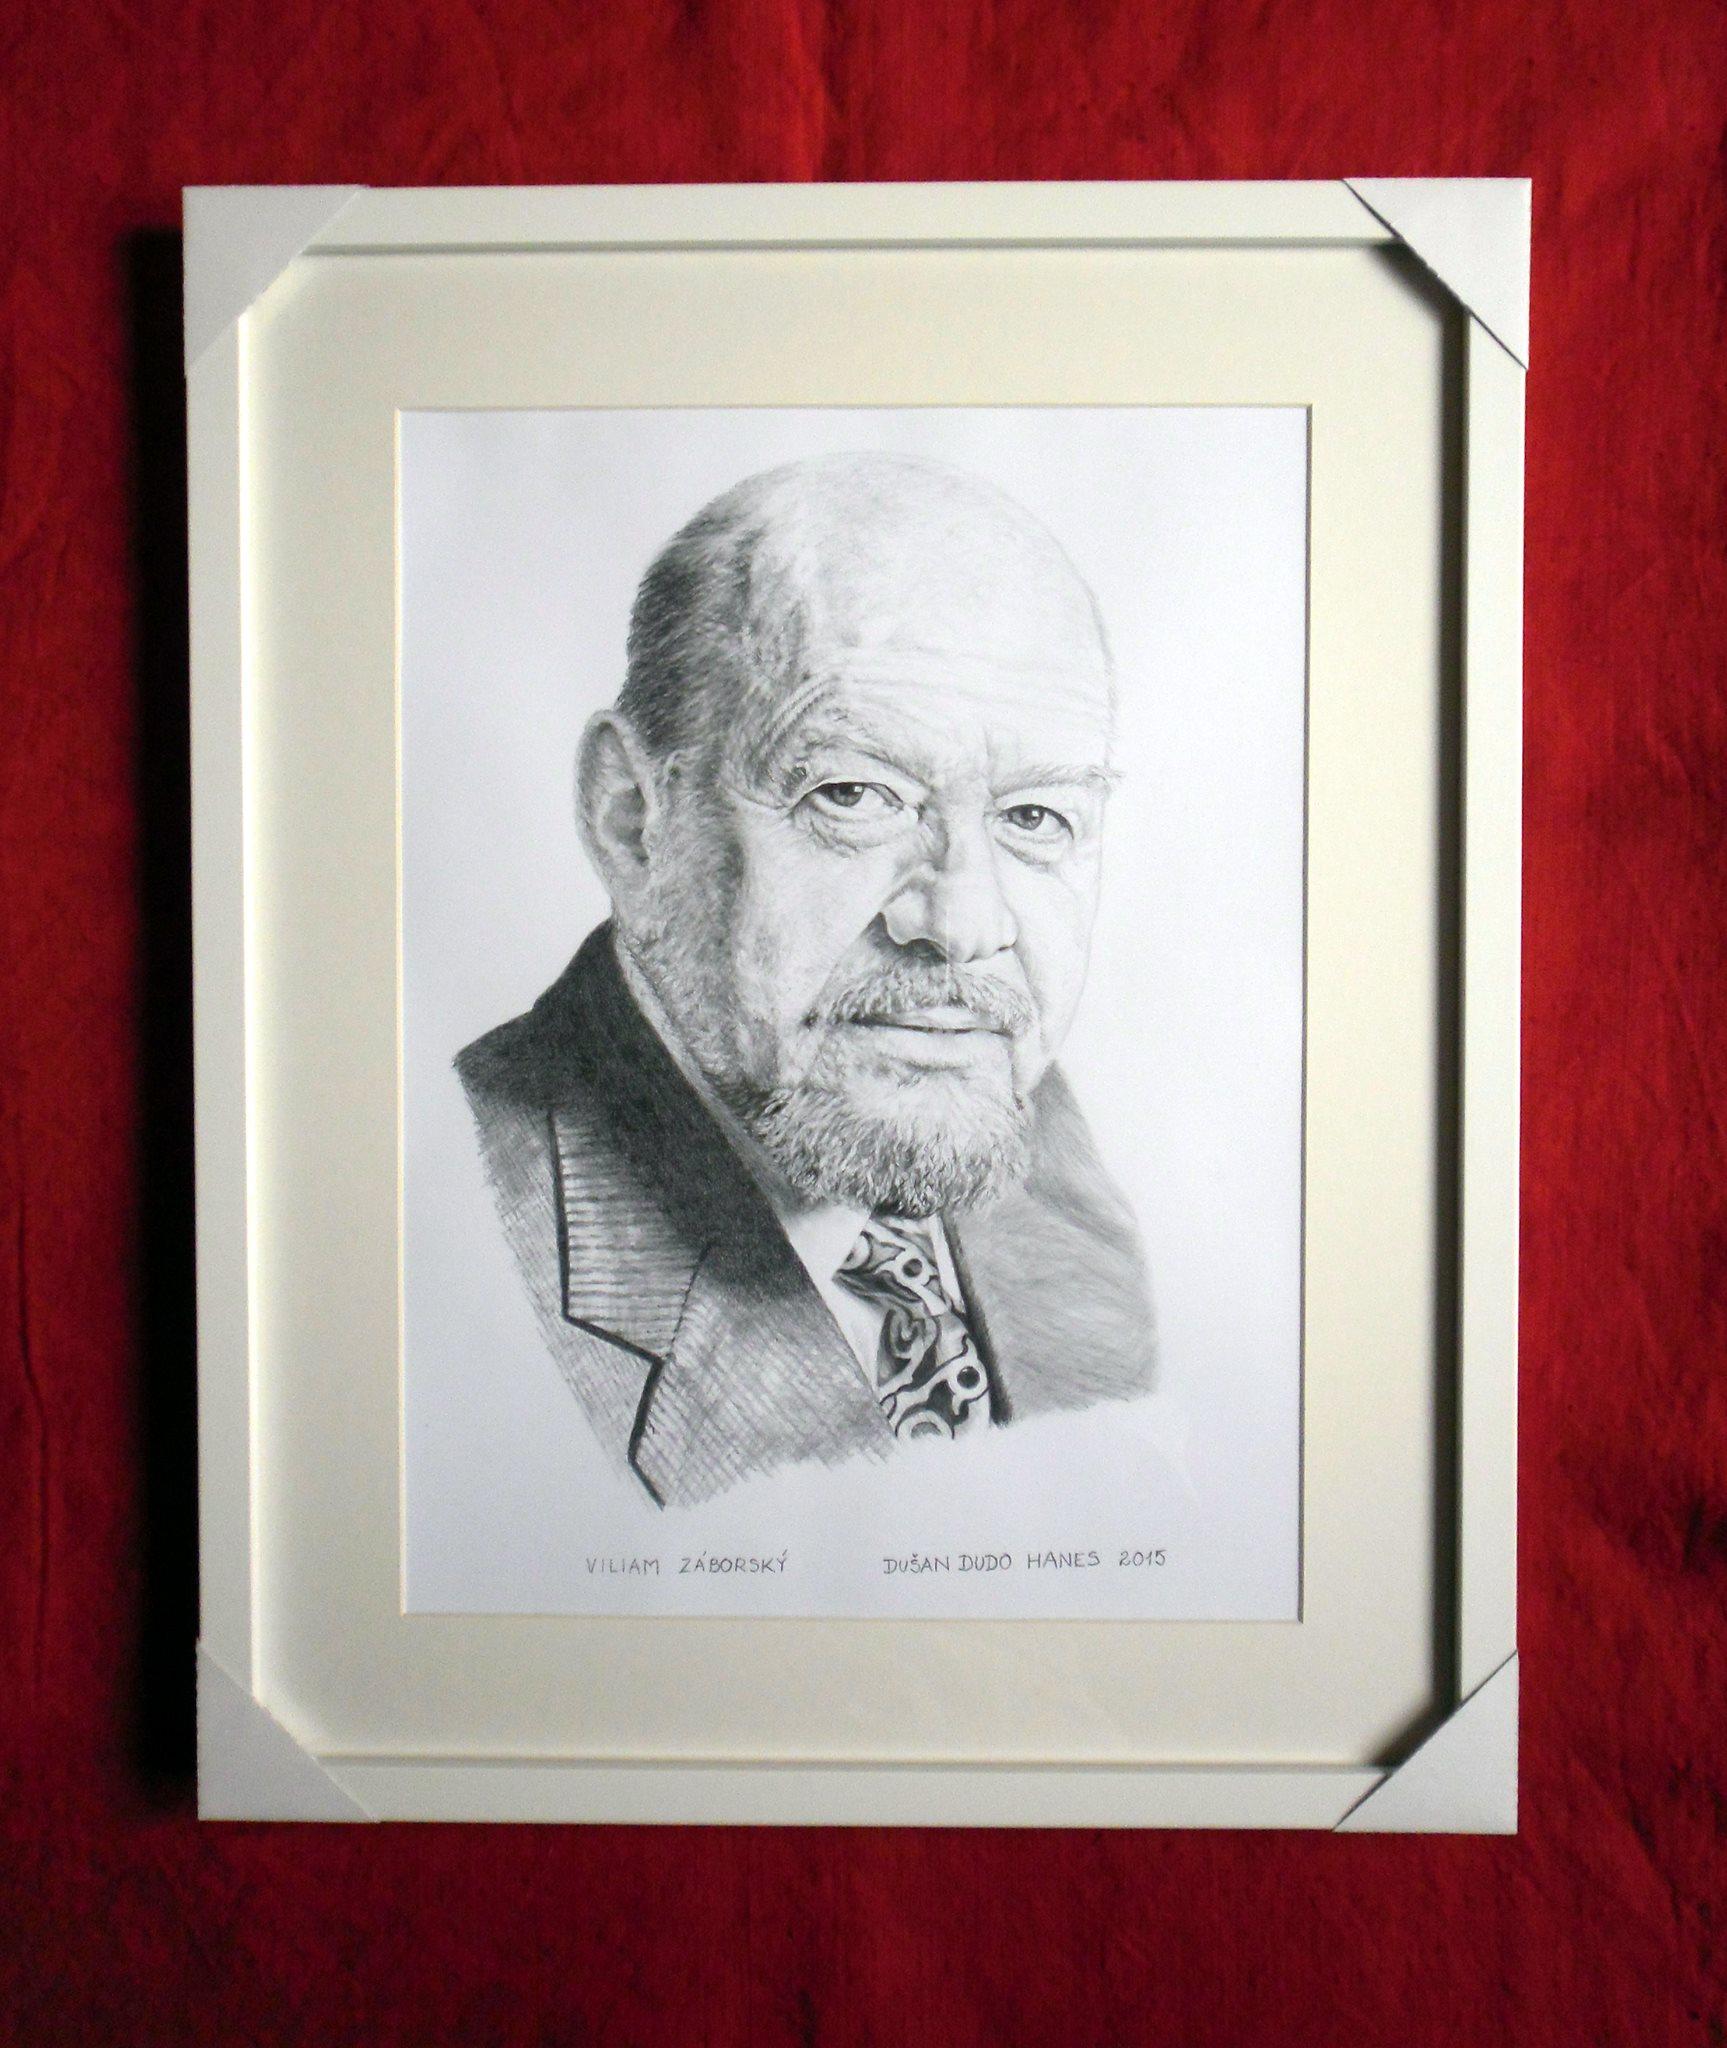 225 - Viliam Záborský. Portrét v ráme, Dušan Dudo Hanes